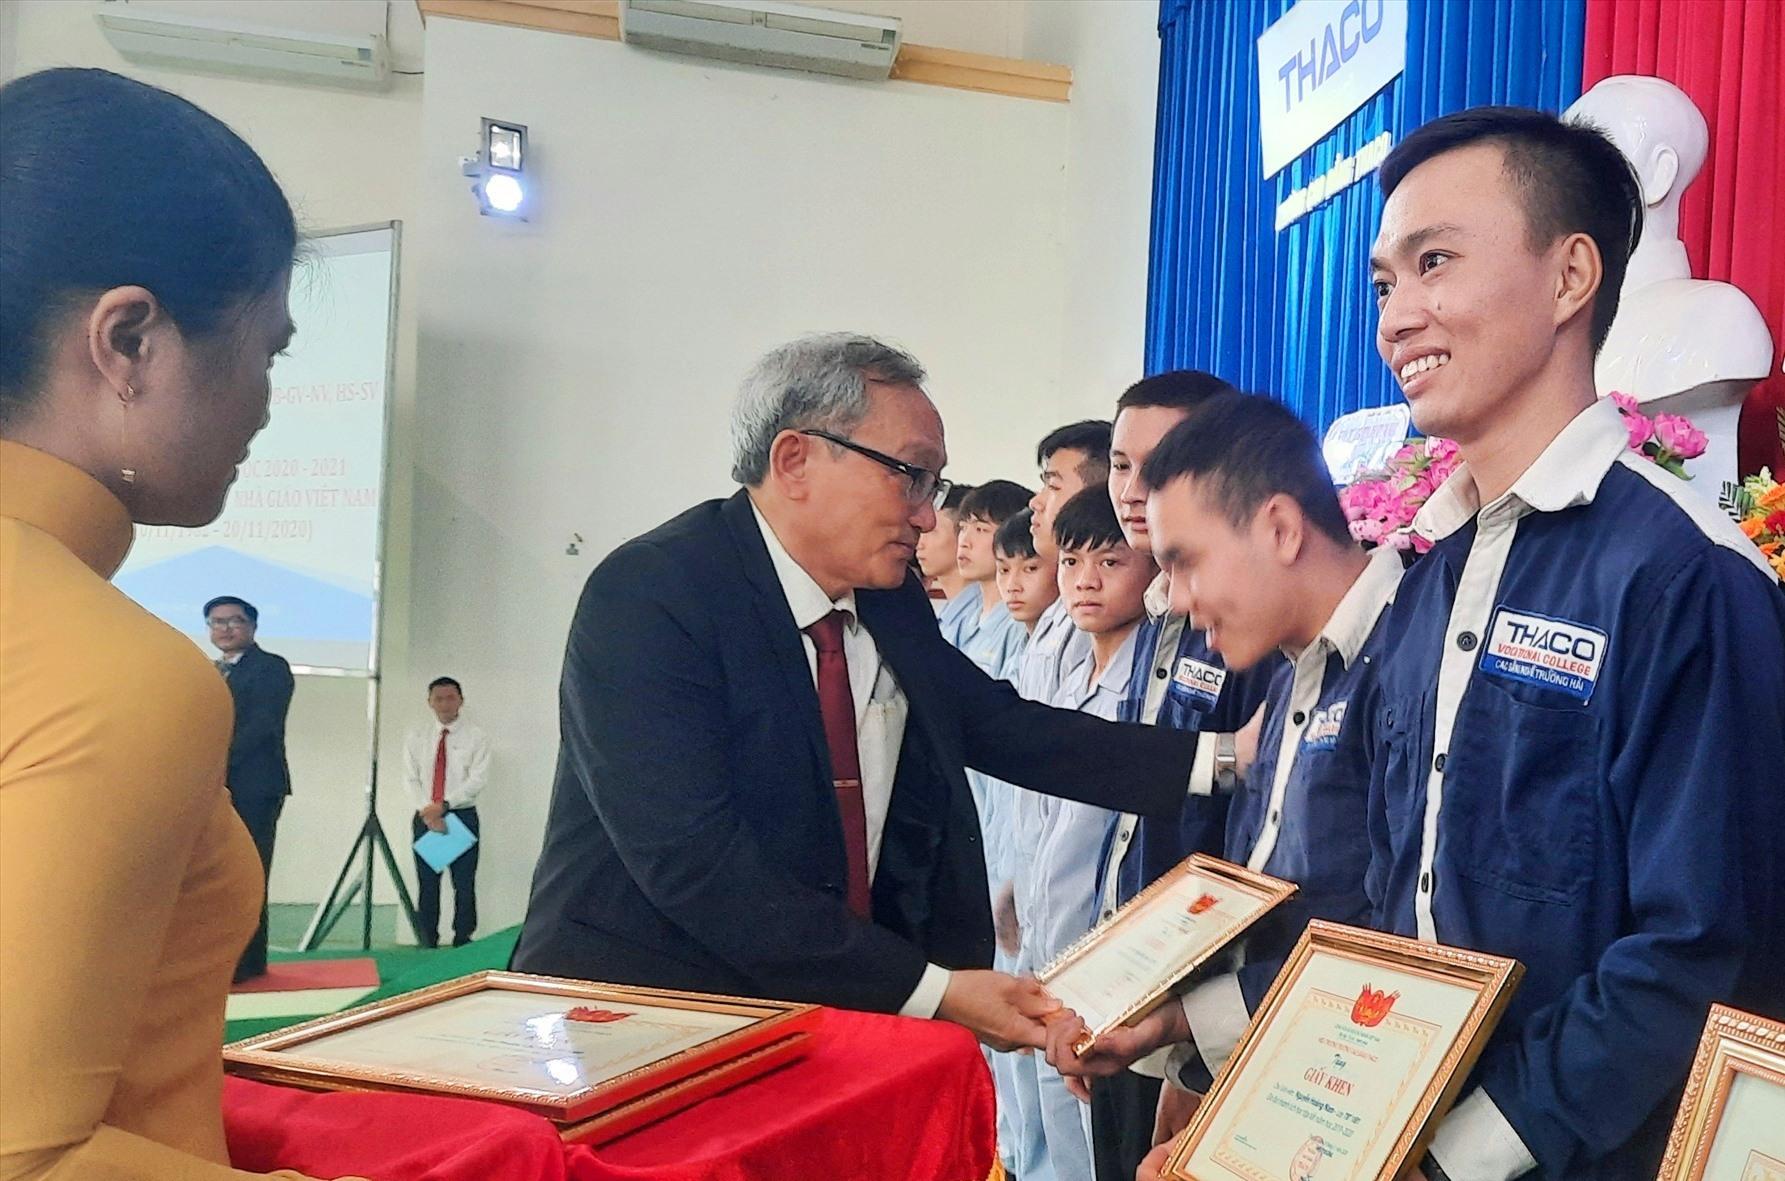 Lãnh đạo nhà trường khen thưởng các học sinh - sinh viên học tập tốt. Ảnh: Đ.ĐẠO